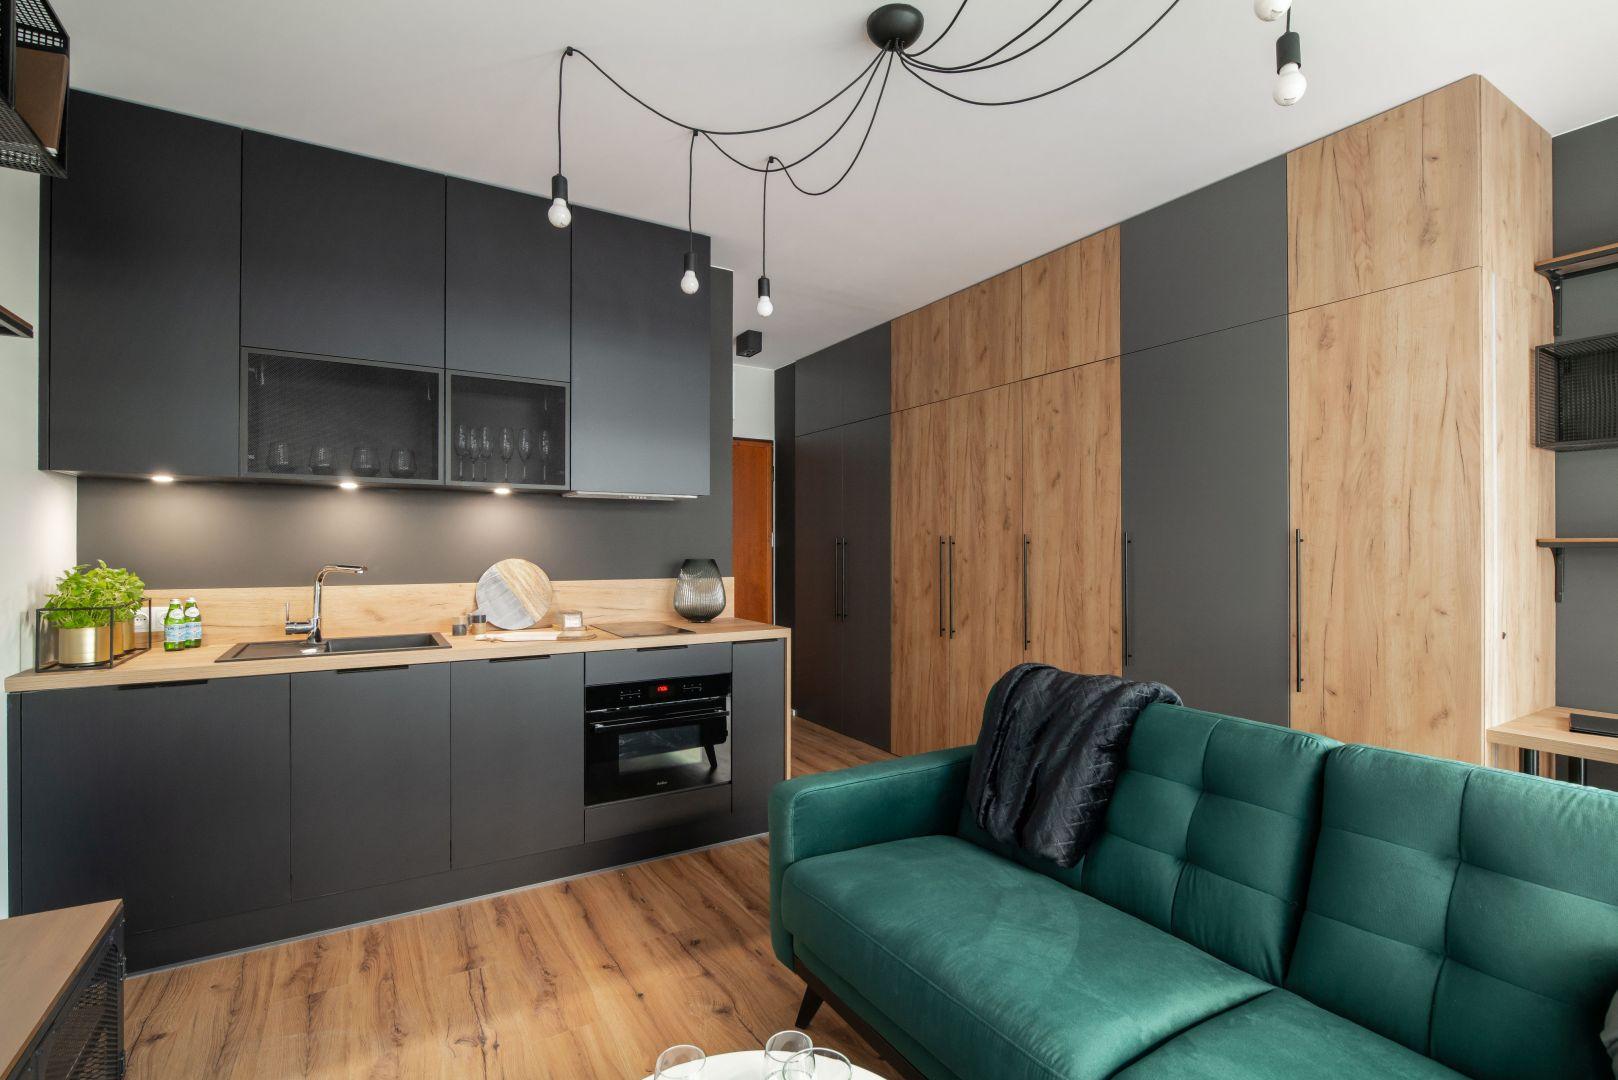 Bardzo małe wnętrze urządzone jest w stonowanych, ciemnych kolorach, takich jak szarości, czerń, antracyt. Projekt i zdjęcia: KODO Projekty i Realizacje Wnętrz